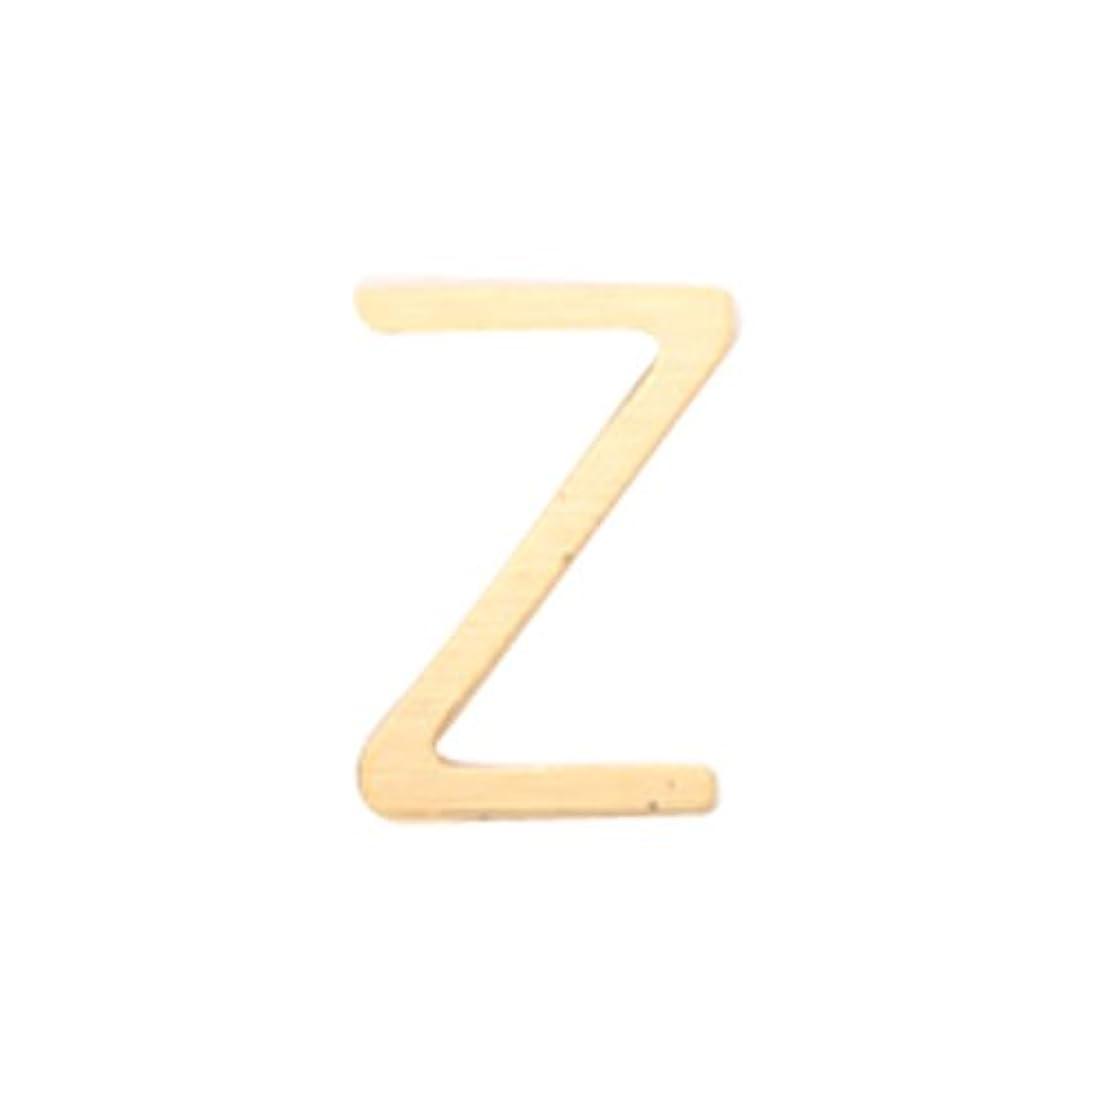 勇敢な乗り出すかなりのリトルプリティー ネイルアートパーツ アルファベット Z ゴールド 10個